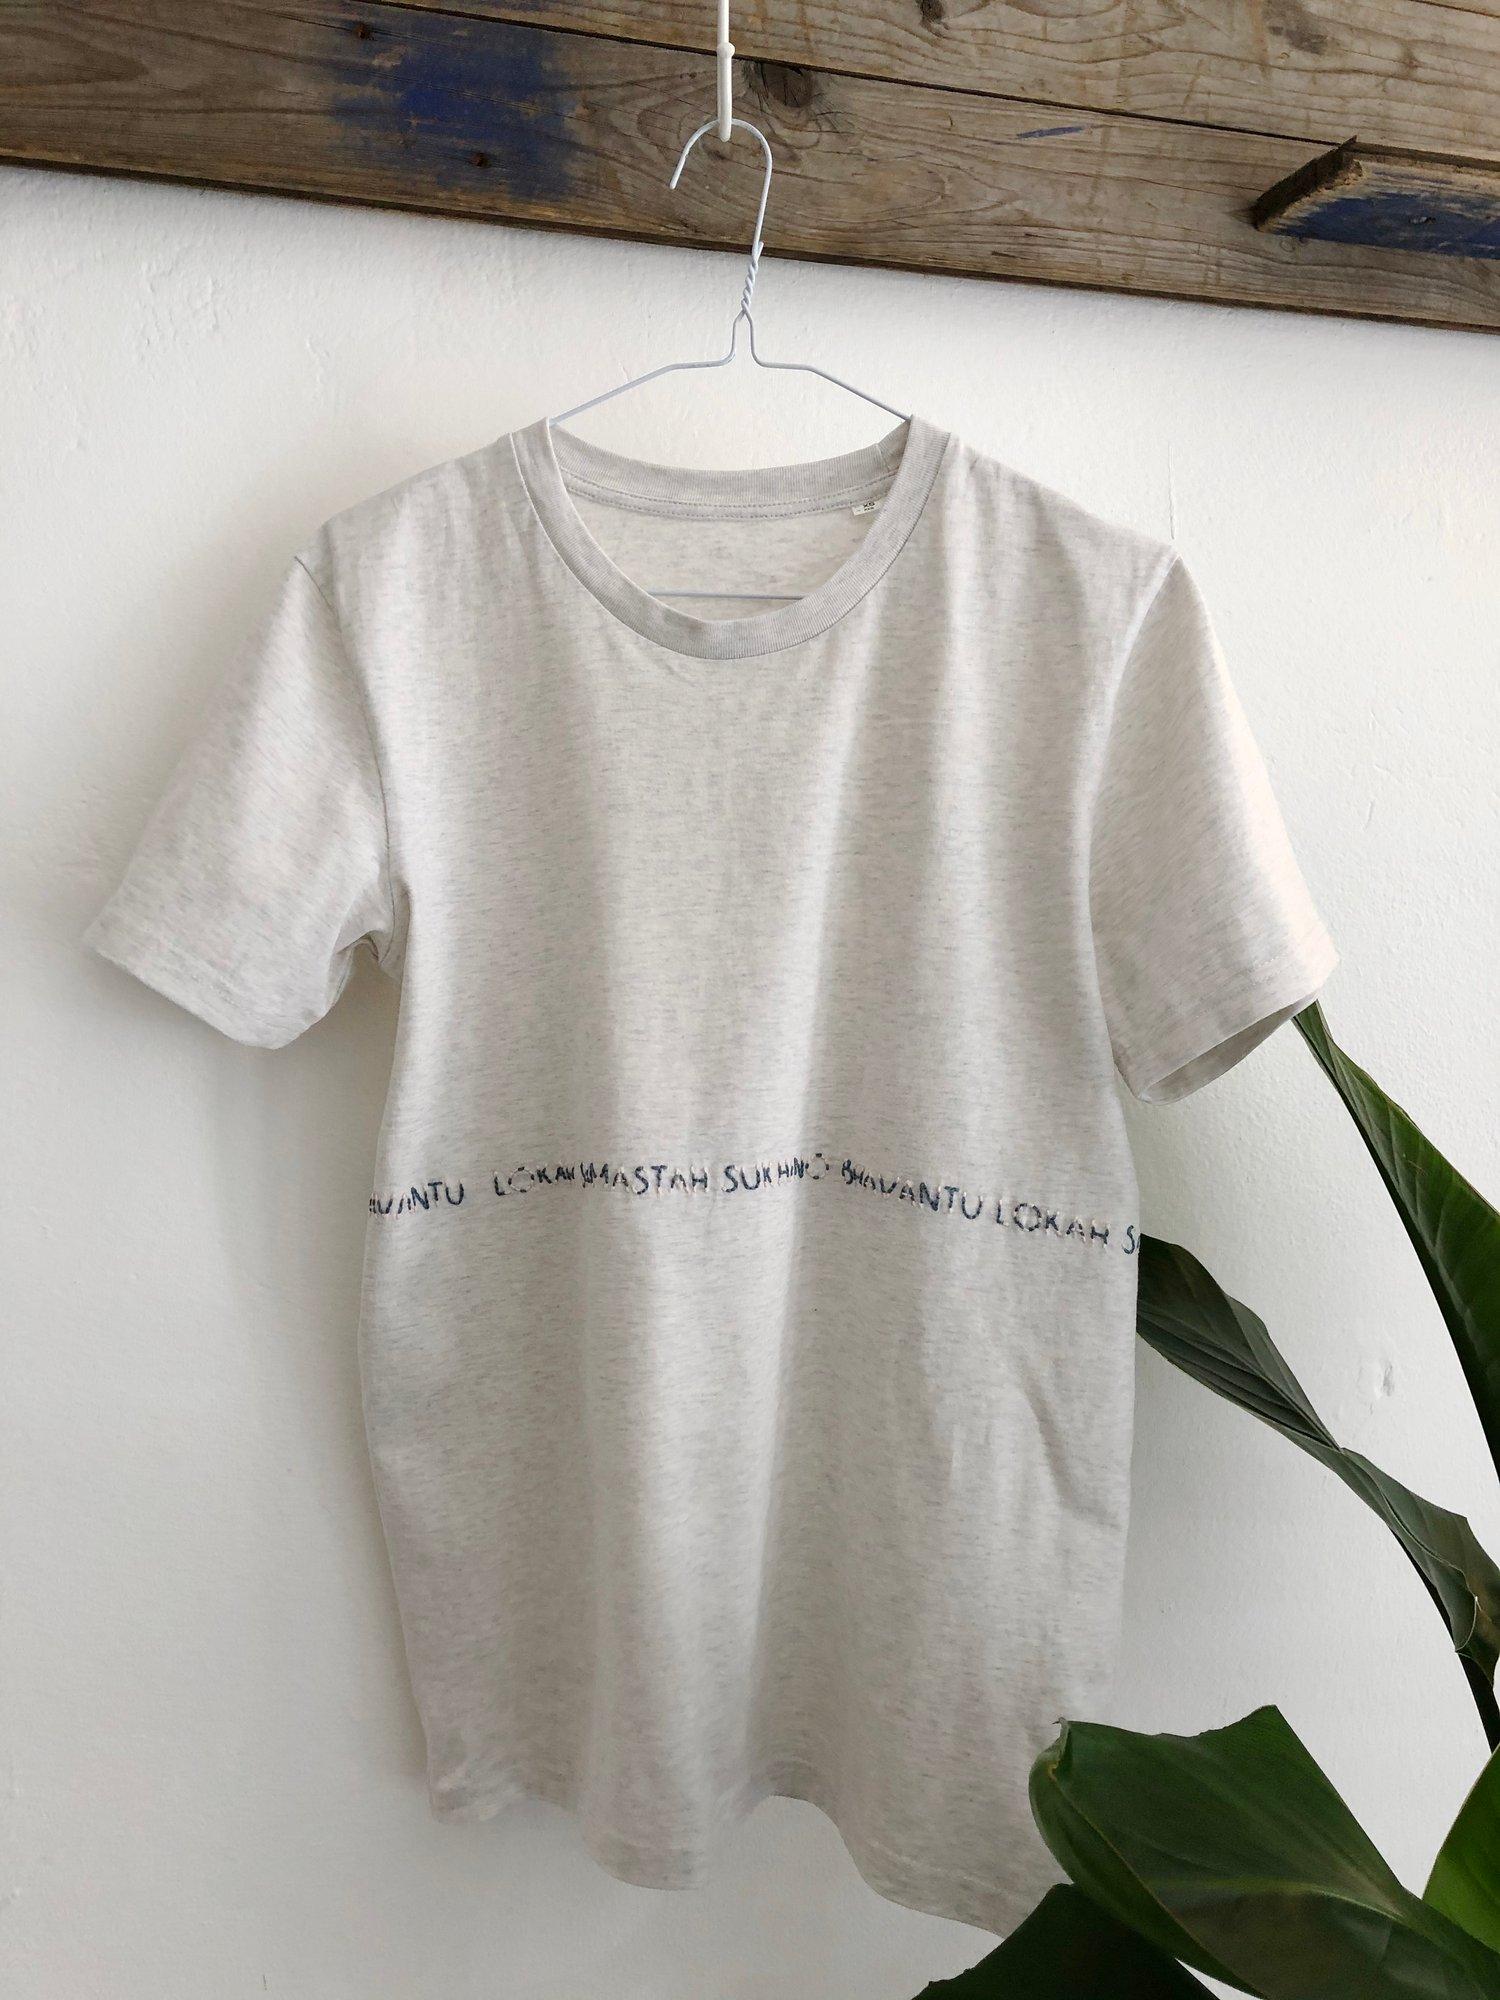 Image of LOKAH SAMASTAH SUKHINO BHAVANTU – wrapped – petrol/rose – heather gray unisex t-shirt